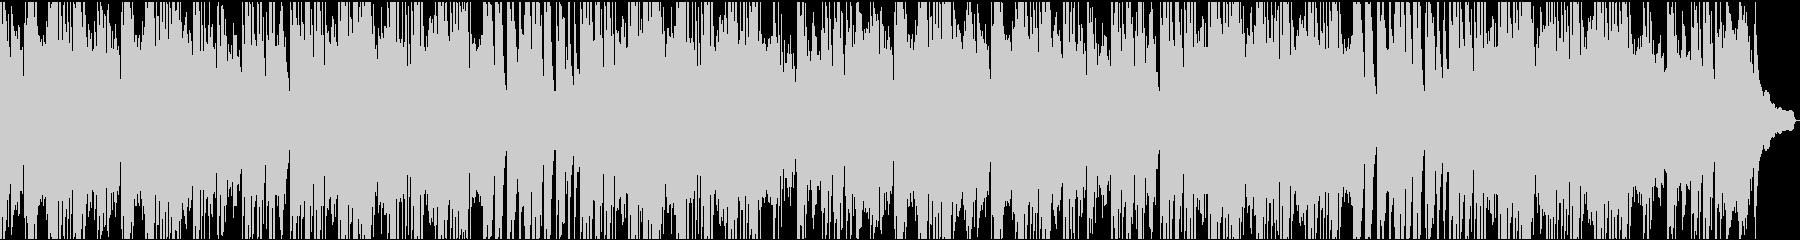 企業VP17 16bit48kHzVerの未再生の波形